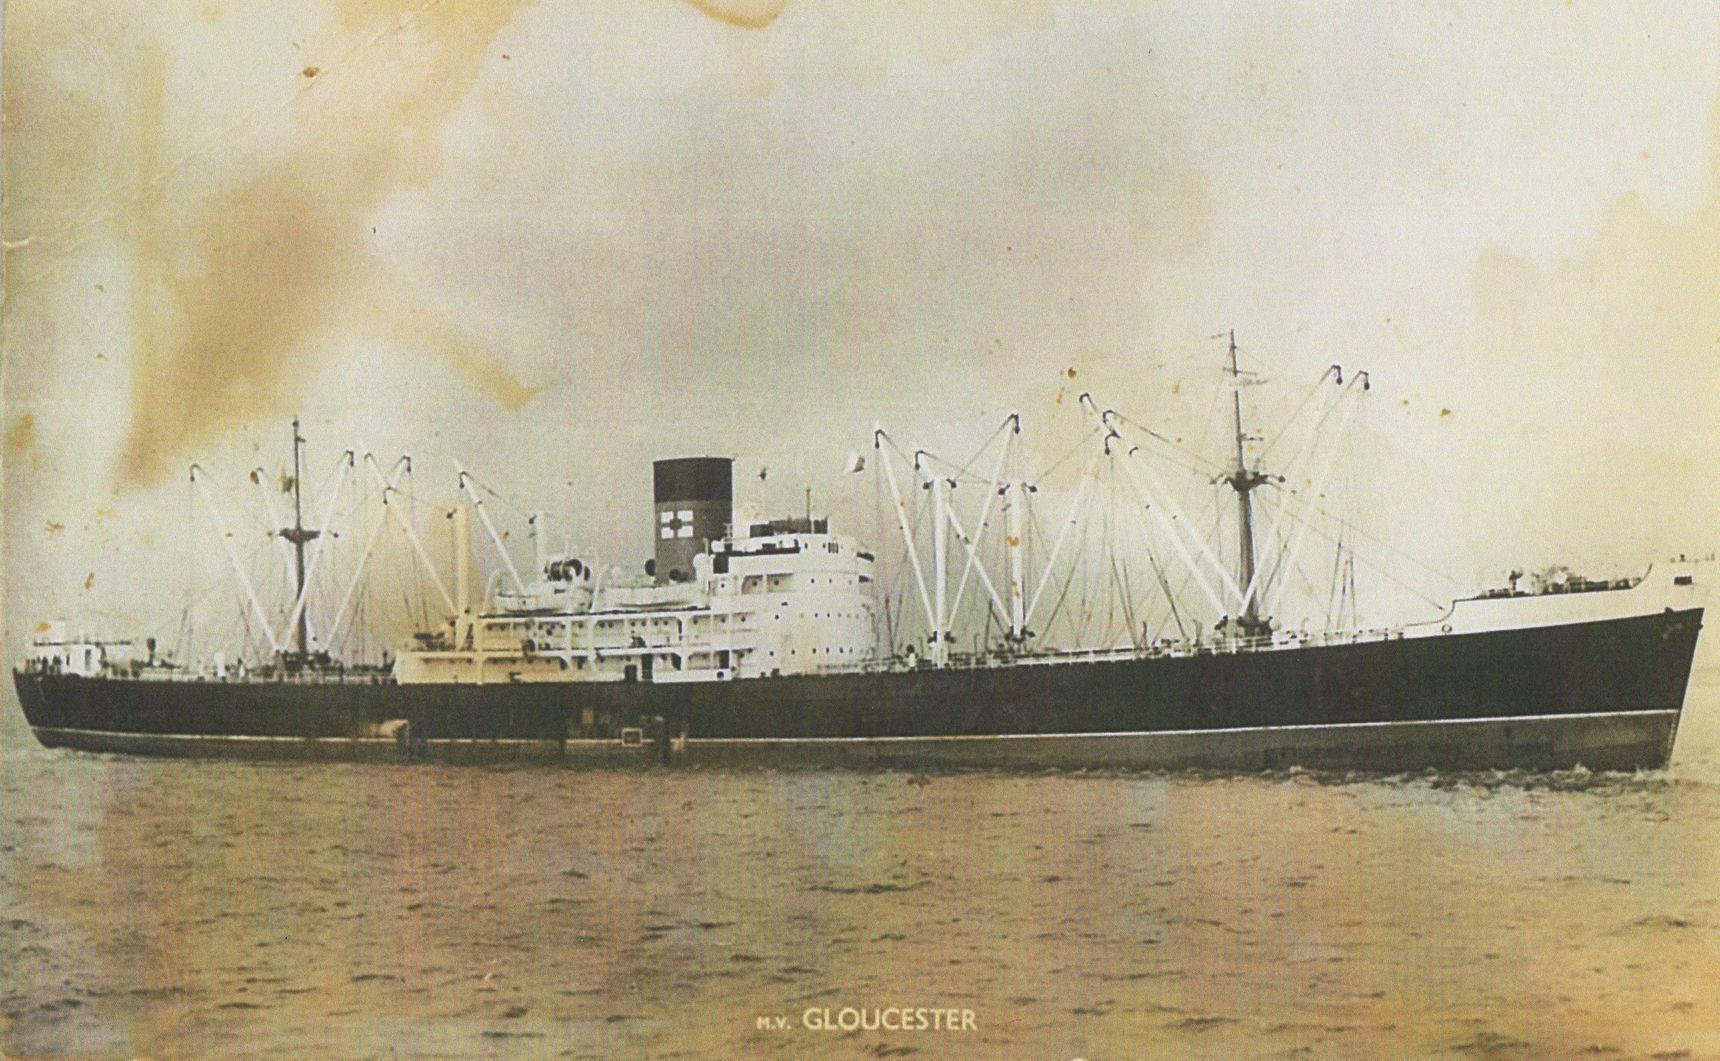 62 - M. V. GLOUCESTER